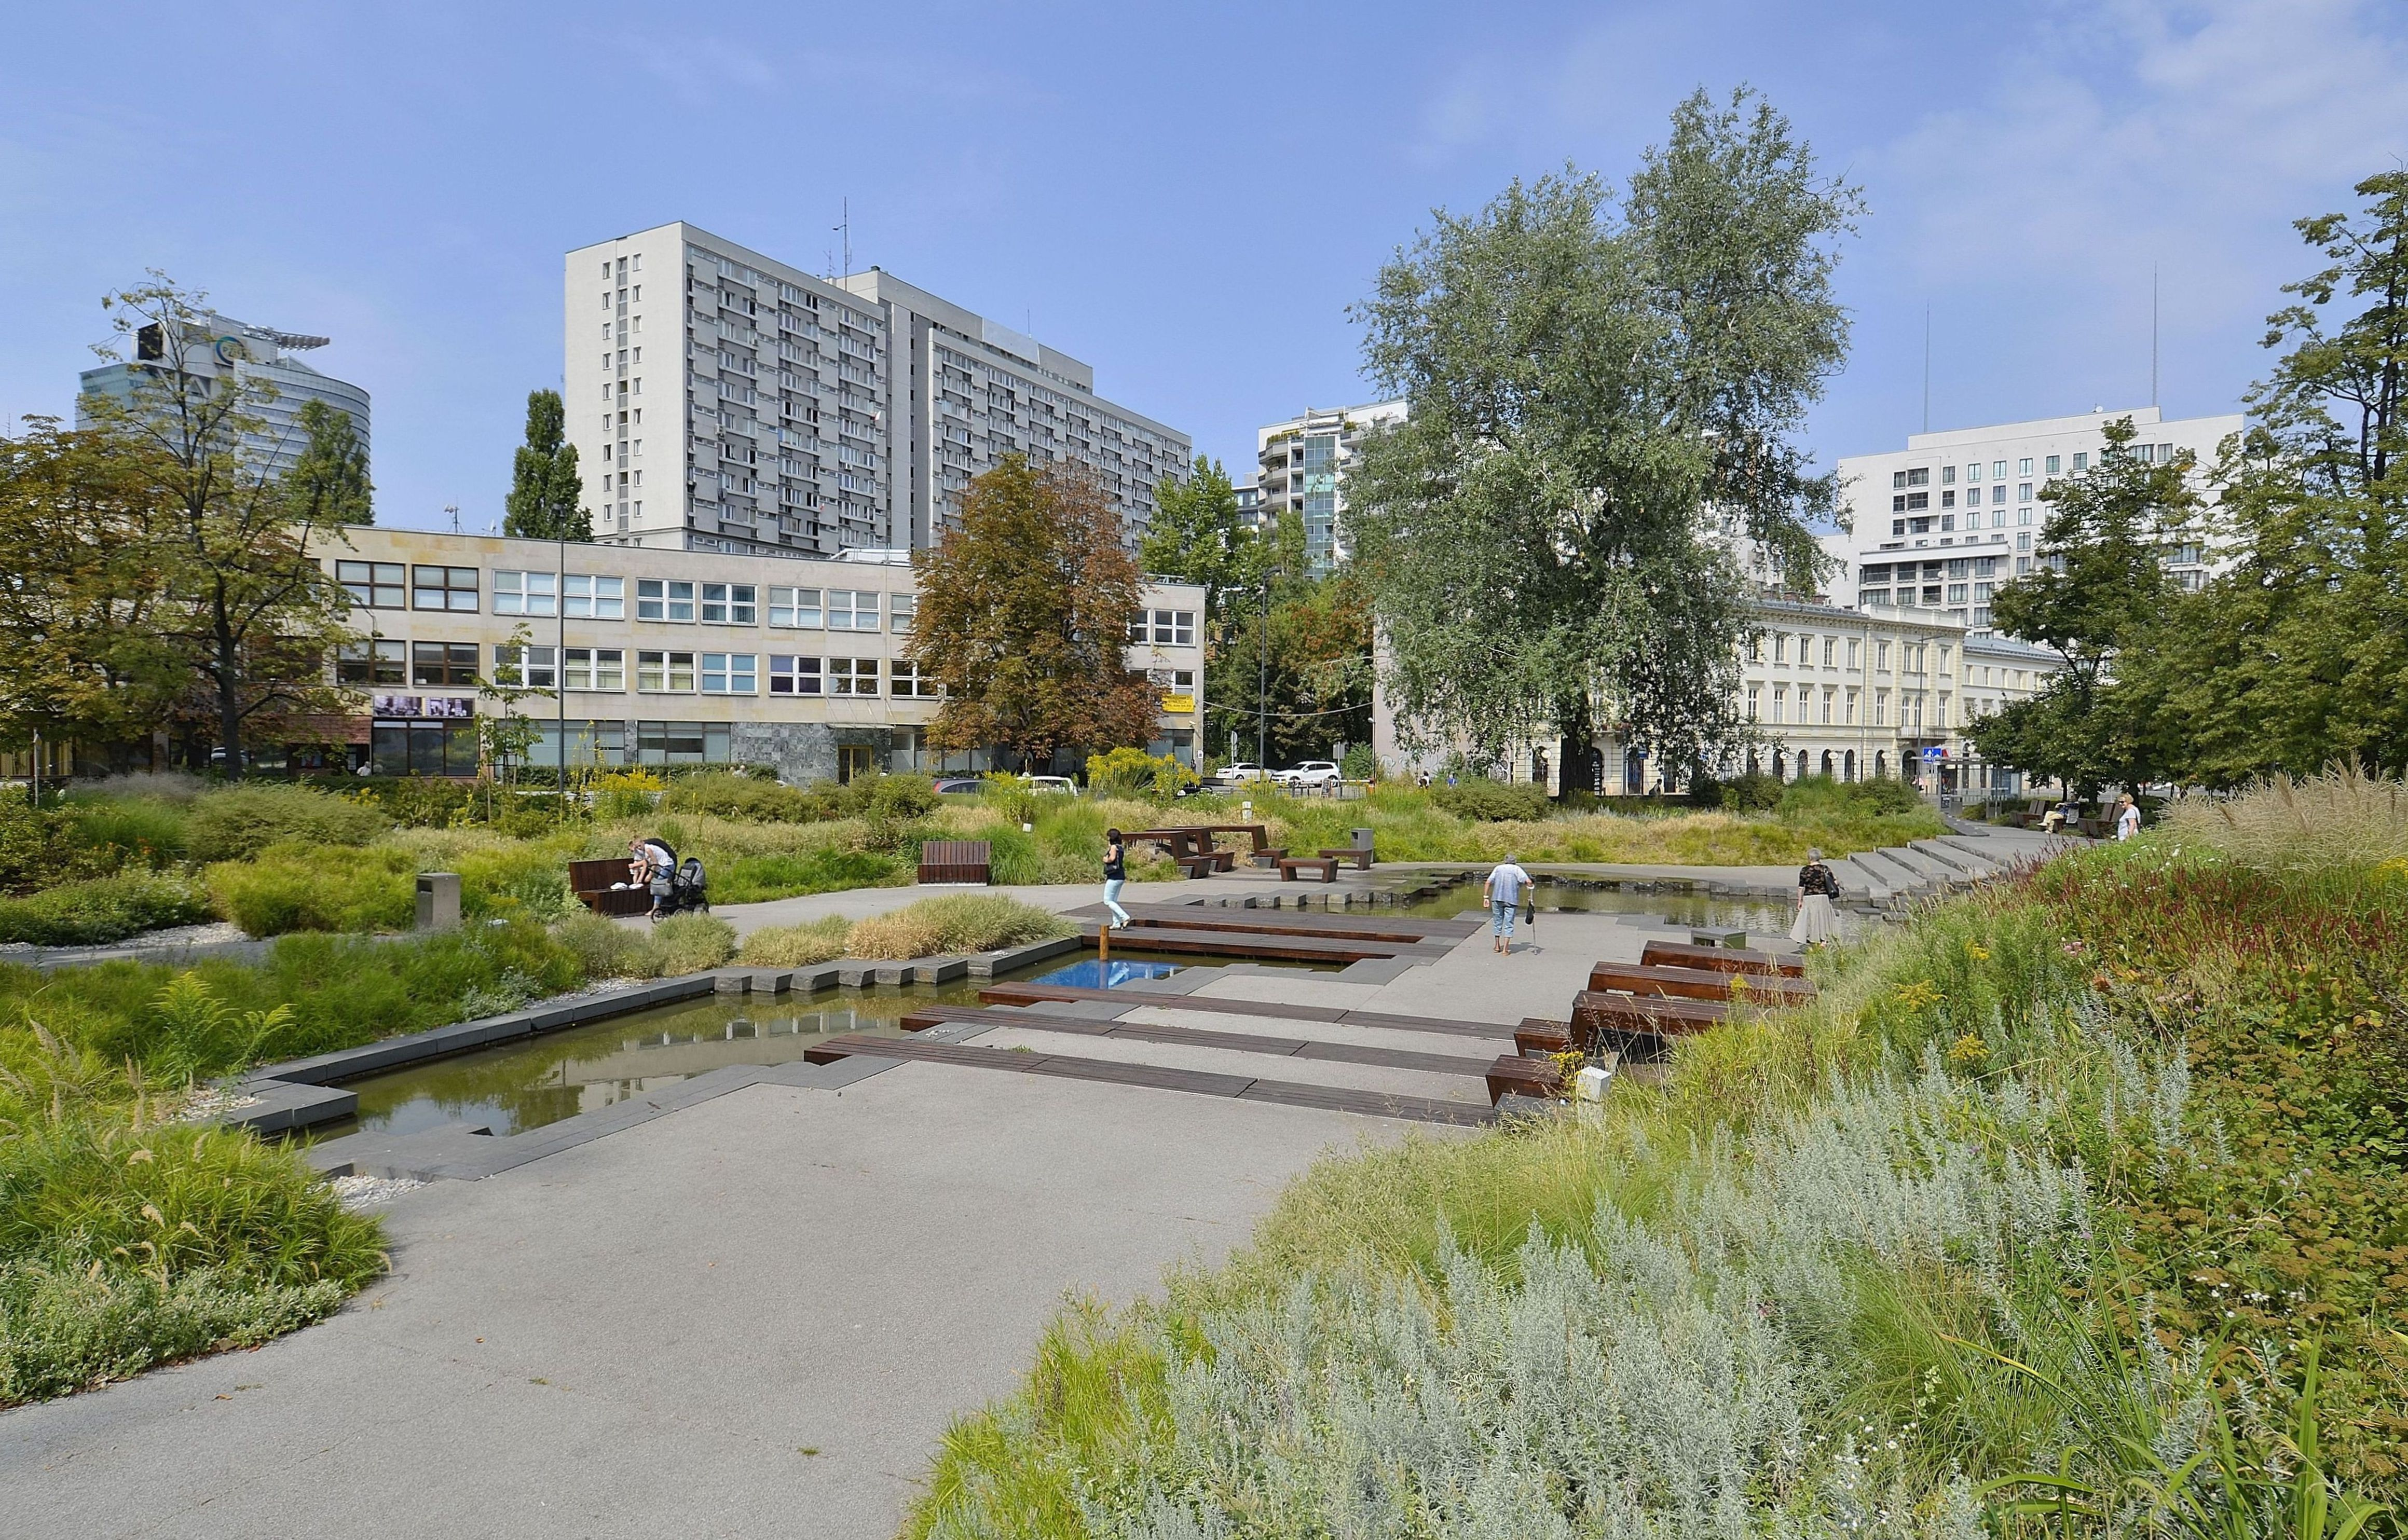 Warszawa site de rencontre